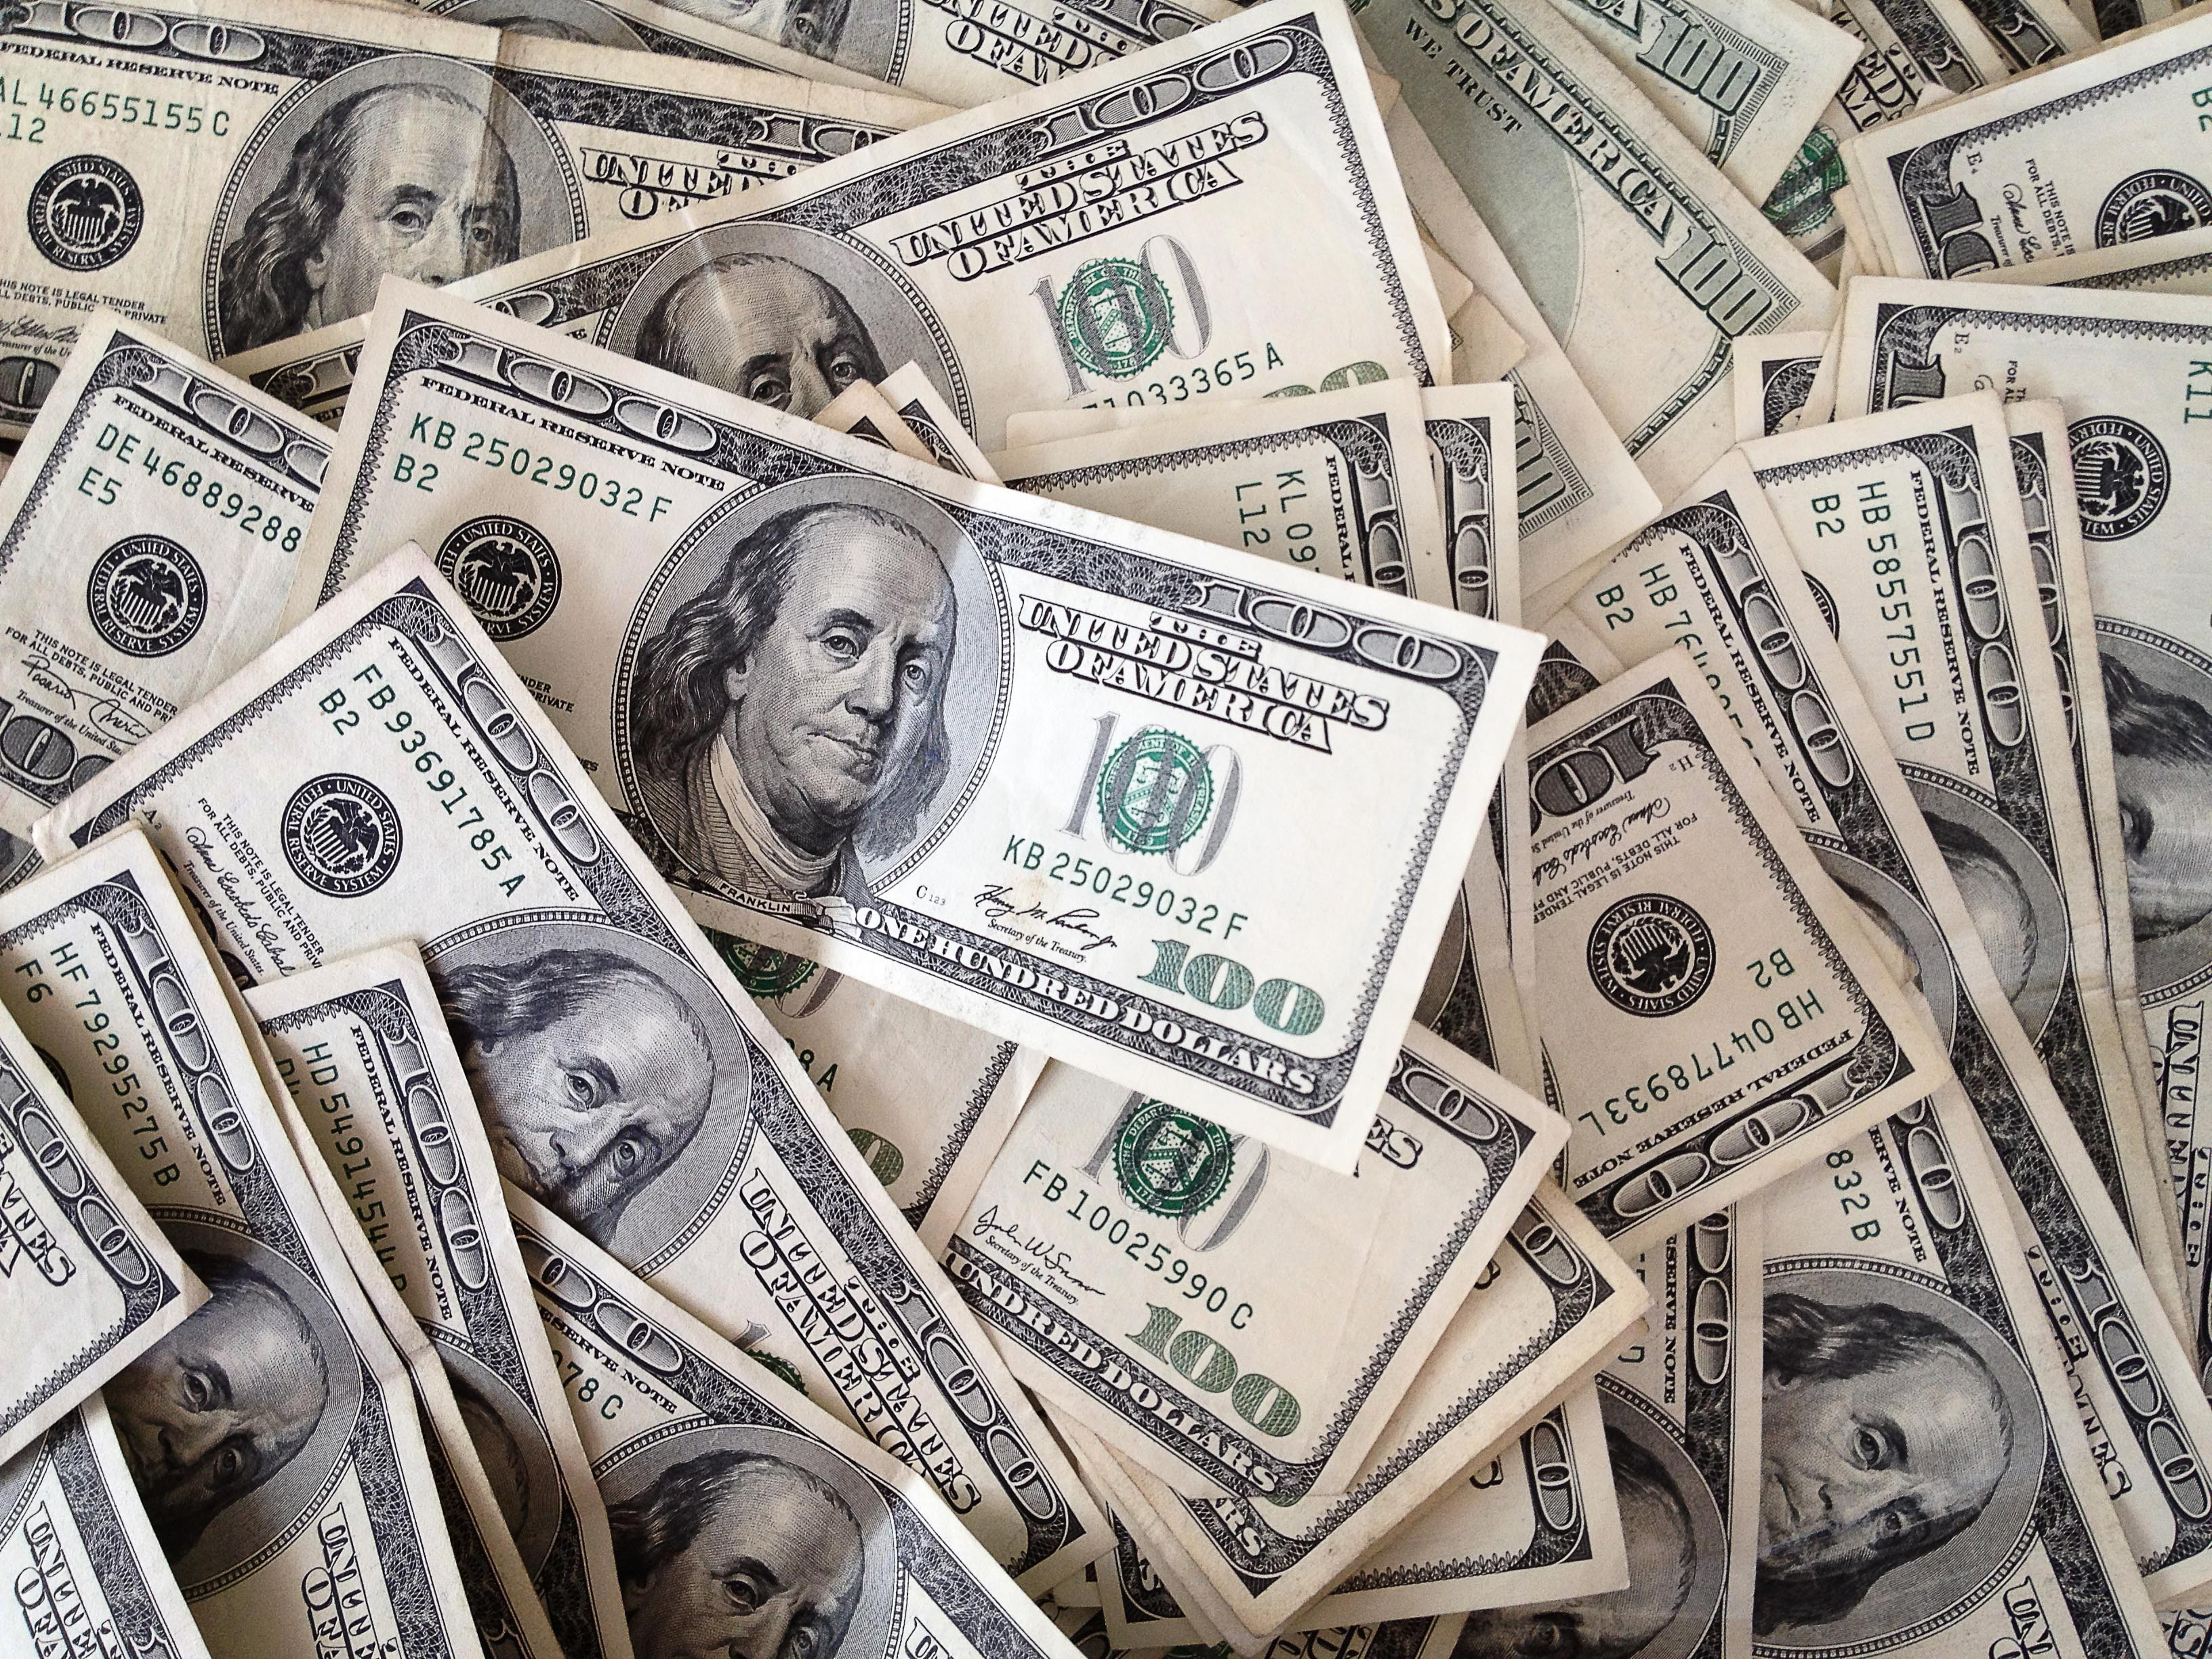 60 100 Dollar Bill Wallpaper On Wallpapersafari